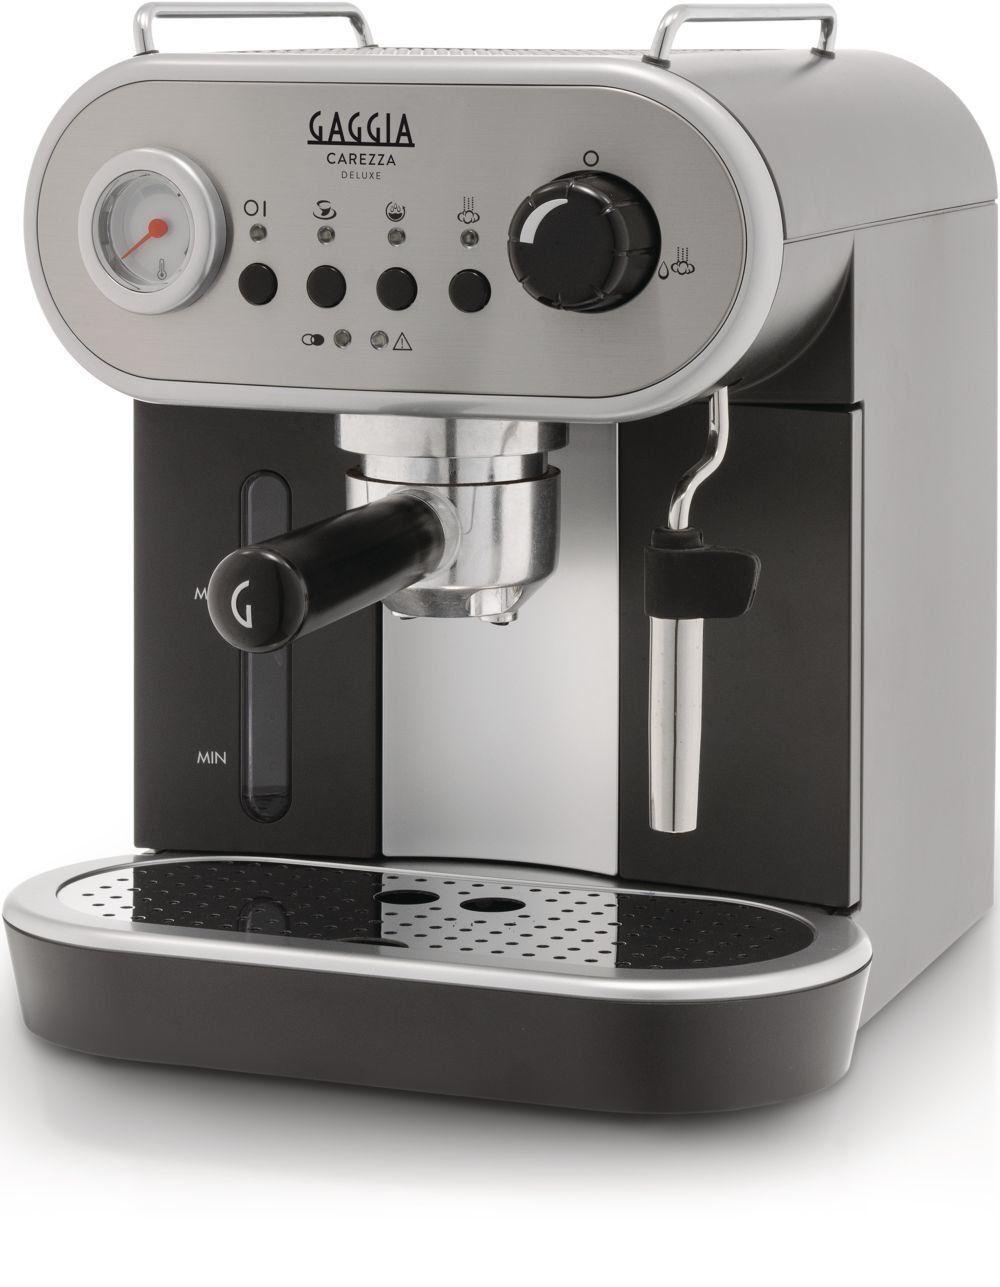 OPEN BOX Gaggia Carezza De Luxe Espresso Machine, Silver